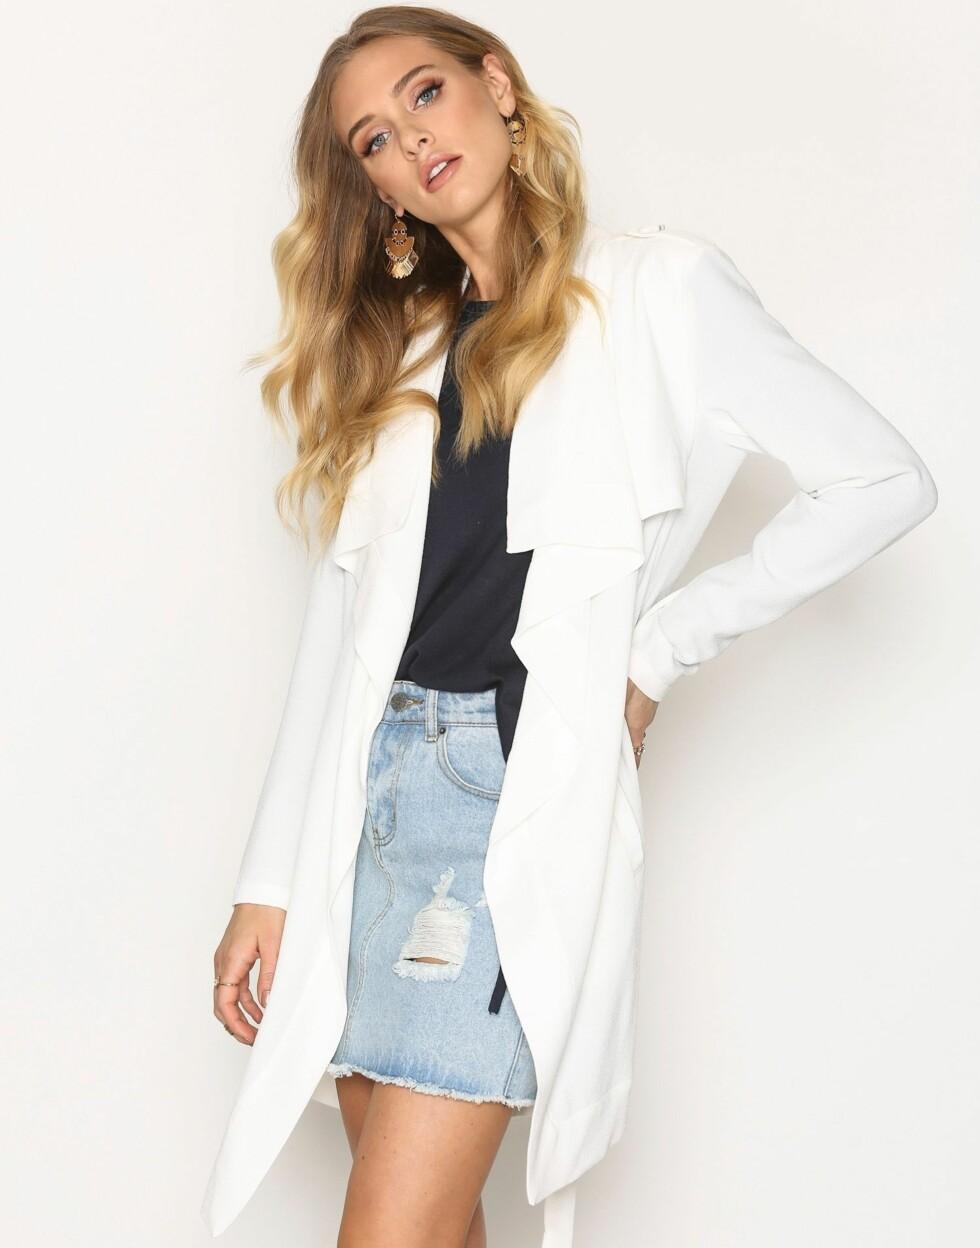 Kåpe fra Object Collectors Item via Nelly.com |499,-| https://nelly.com/no/kl%C3%A6r-til-kvinner/kl%C3%A6r/jakker/object-collectors-item-691/objannlee-short-jacket-21463-0912/